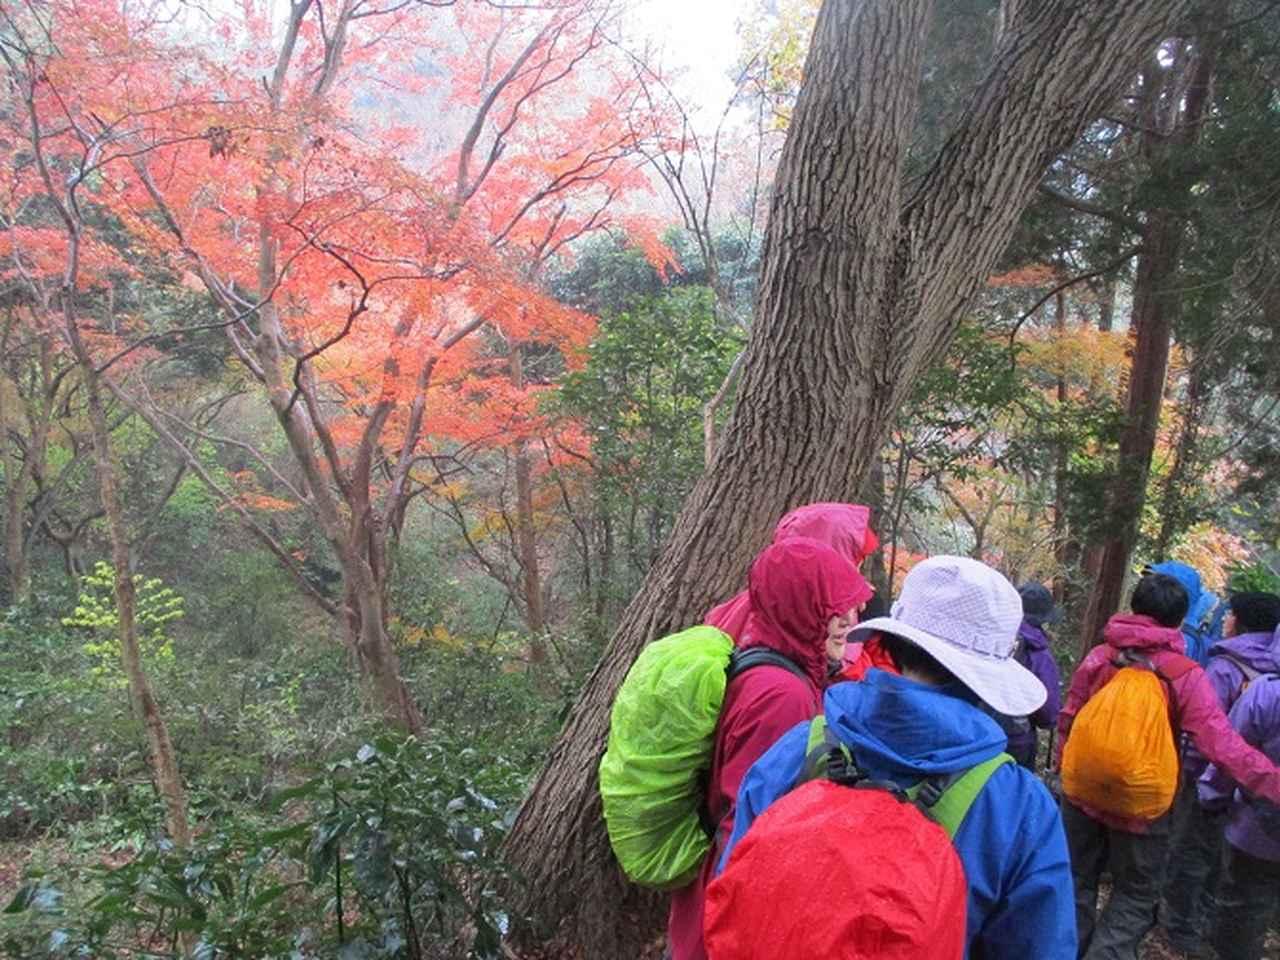 画像10: 先日12月22日に山旅会現地集合 「能見堂緑地から天園」 ツアーにいってまいりました!